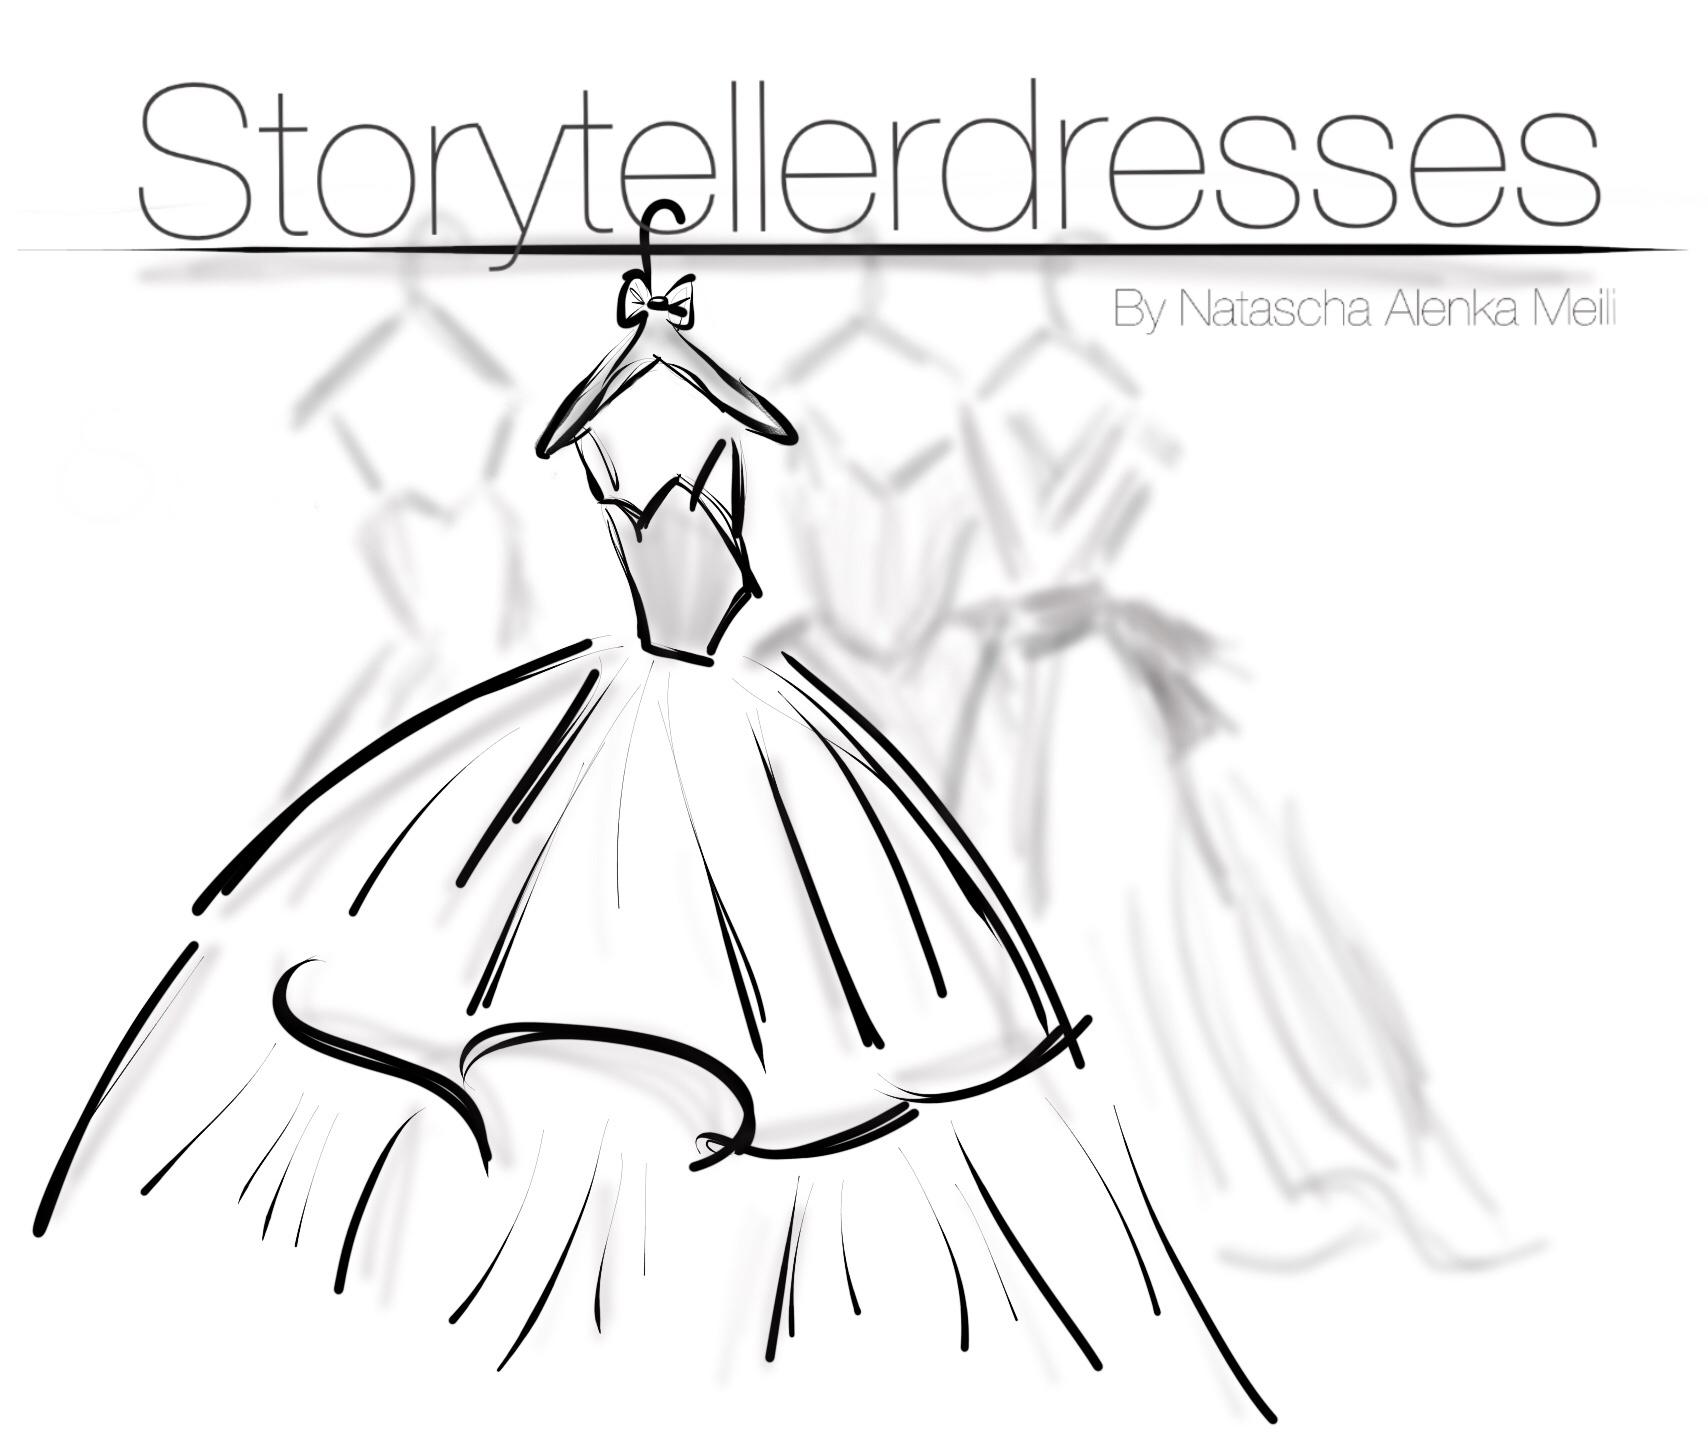 Storytellerdresses